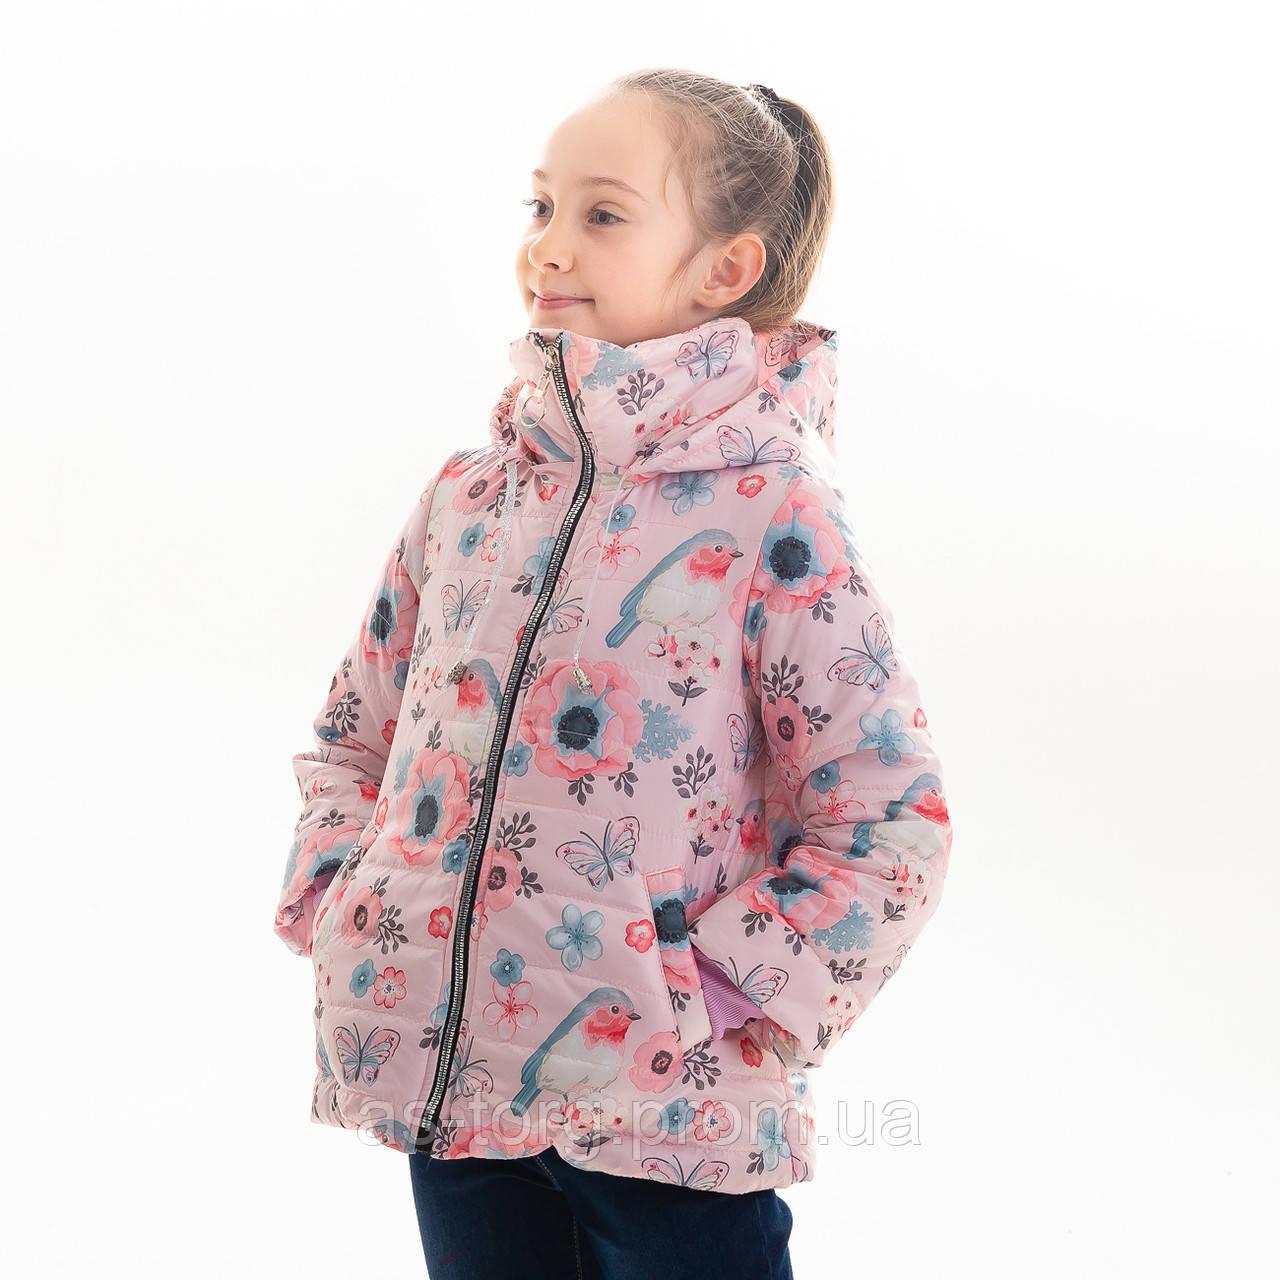 Куртка демисезонная для девочки «Миде» 32,34